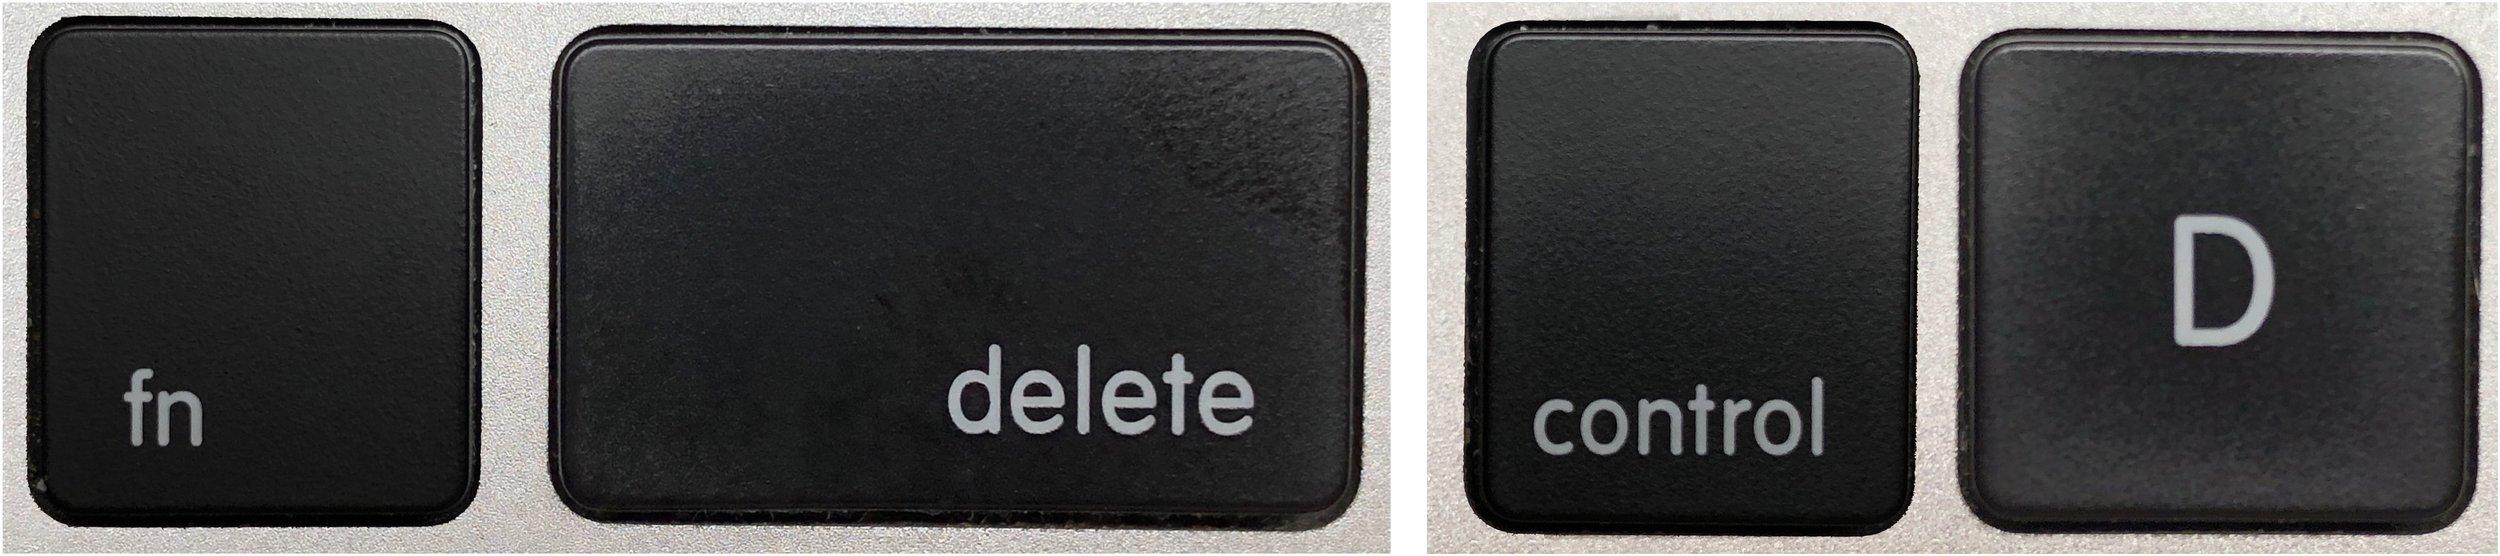 Forward-Delete-alternatives.jpg